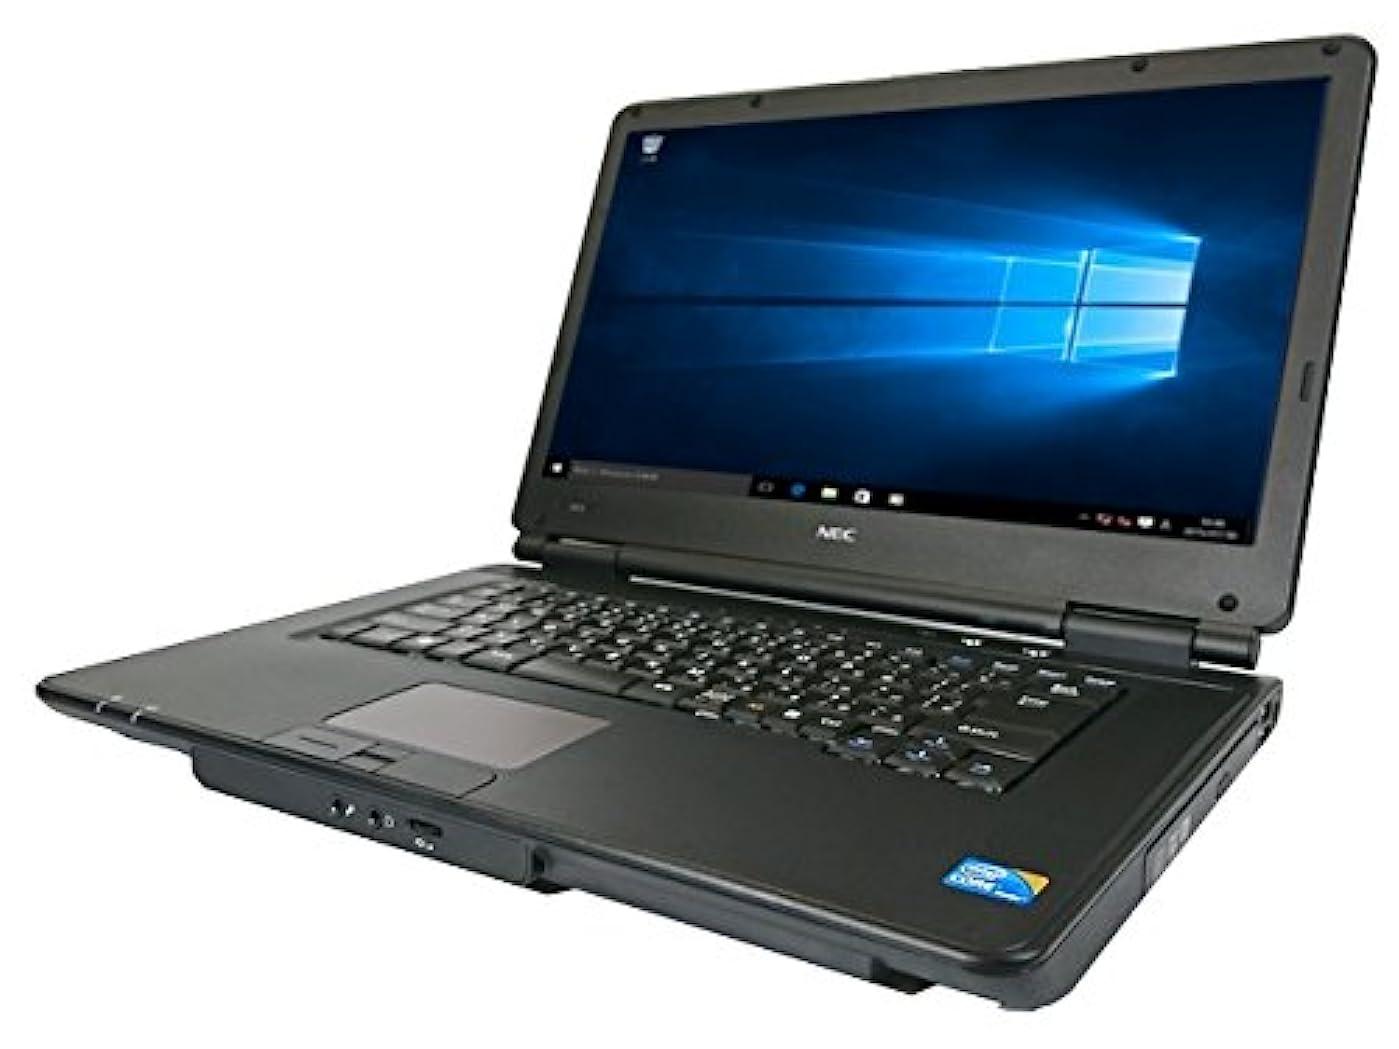 部分ラッシュ健全中古パソコン【Windows10】無線LAN対応 NEC VX-A(Core i3 2.2GHz/メモリ4GB/HDD160GB/DVD-ROM)【中古ノートパソコン】【中古パソコン販売パクス】